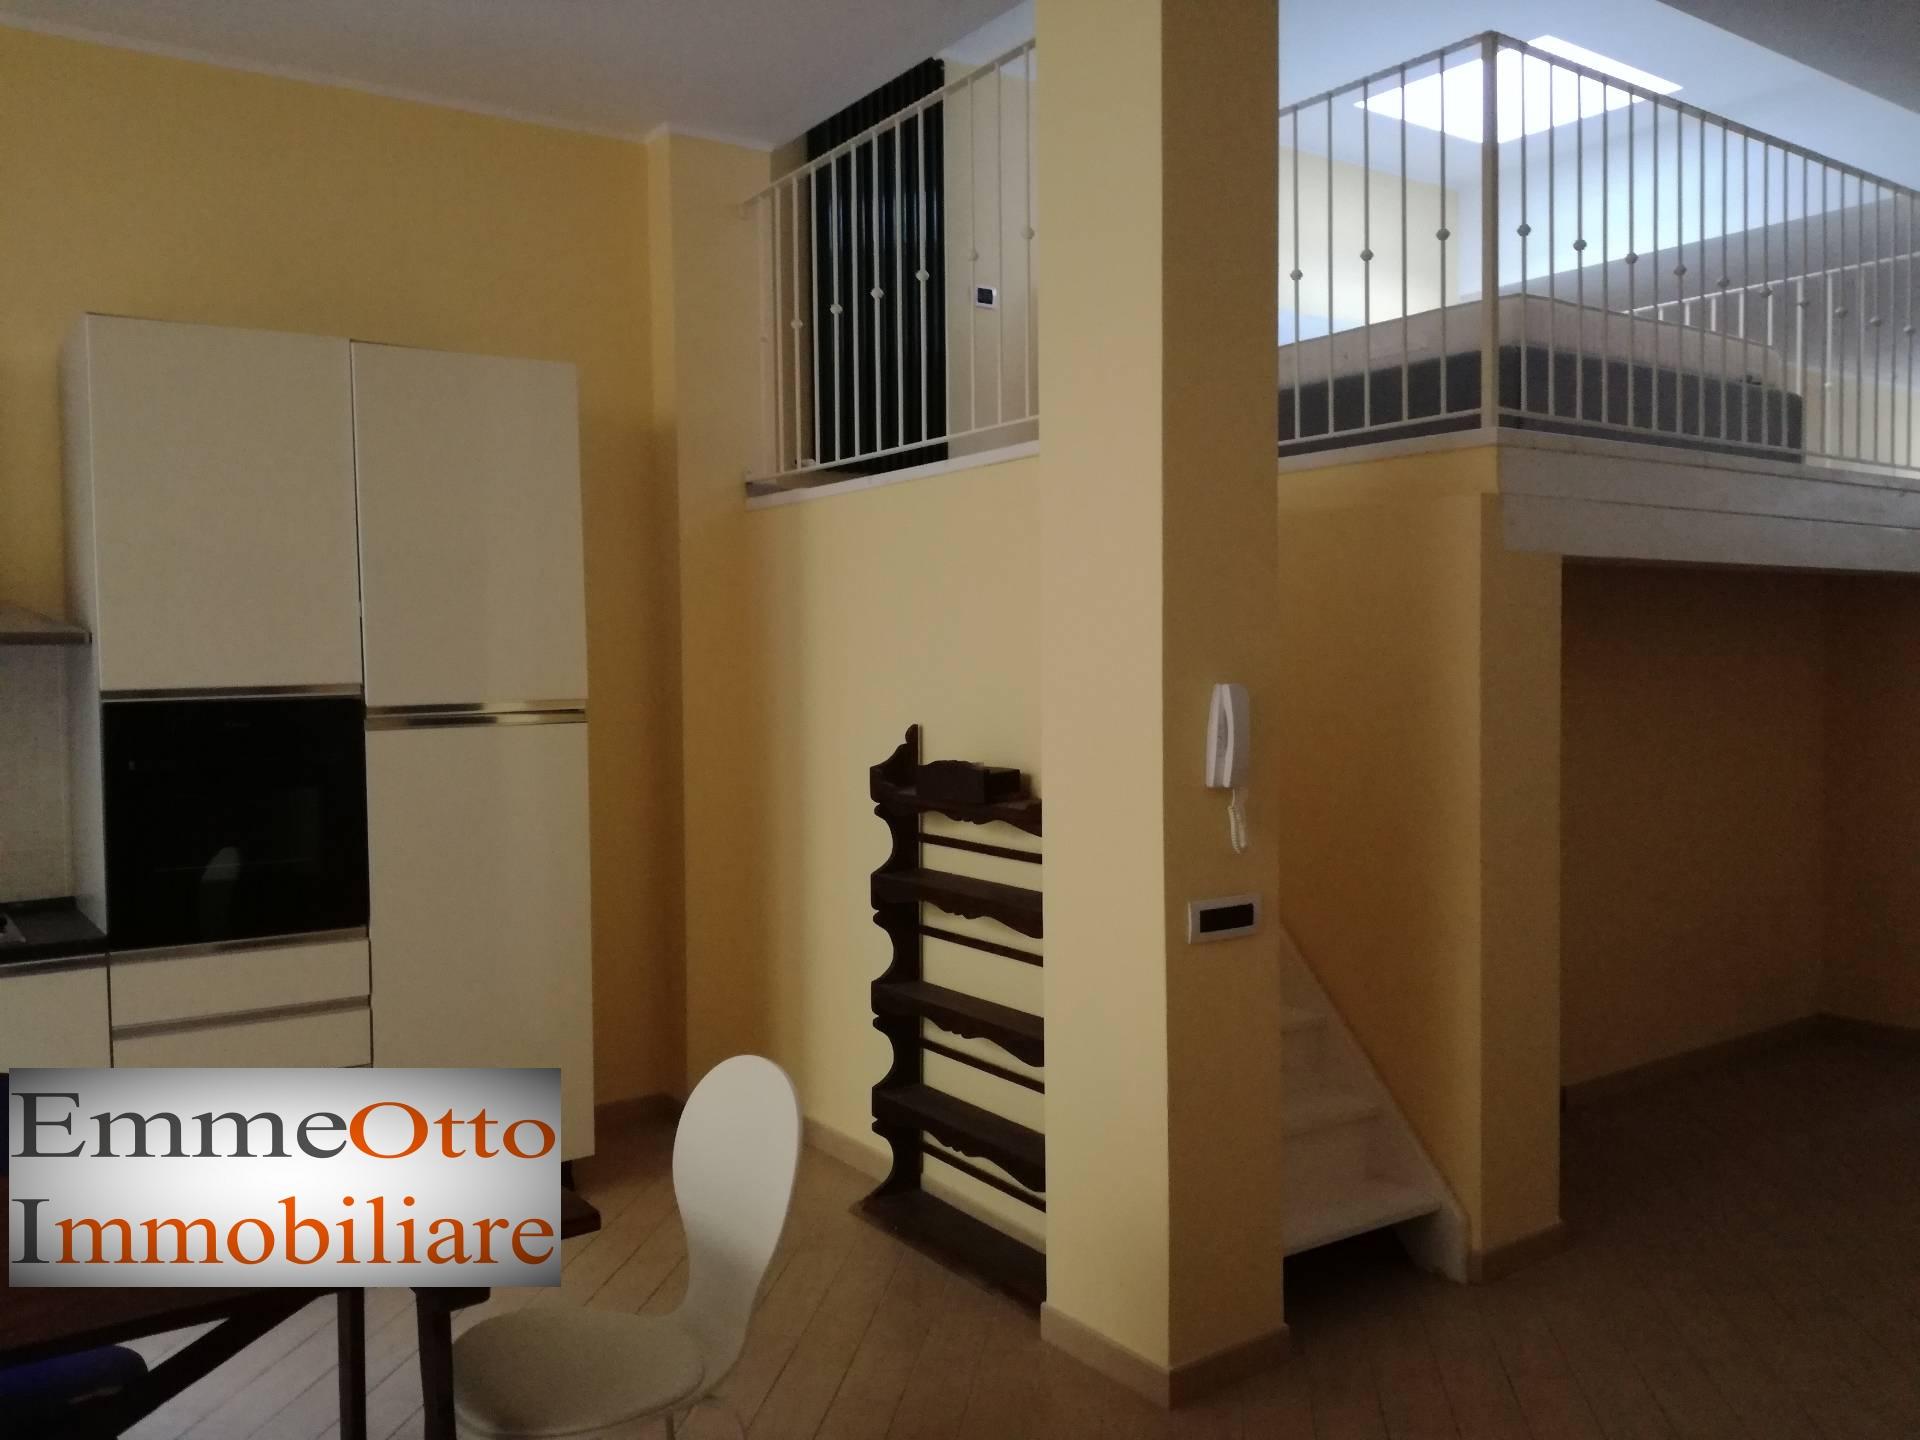 Appartamento in affitto a Cagliari, 1 locali, zona Zona: Villanova, prezzo € 590 | CambioCasa.it